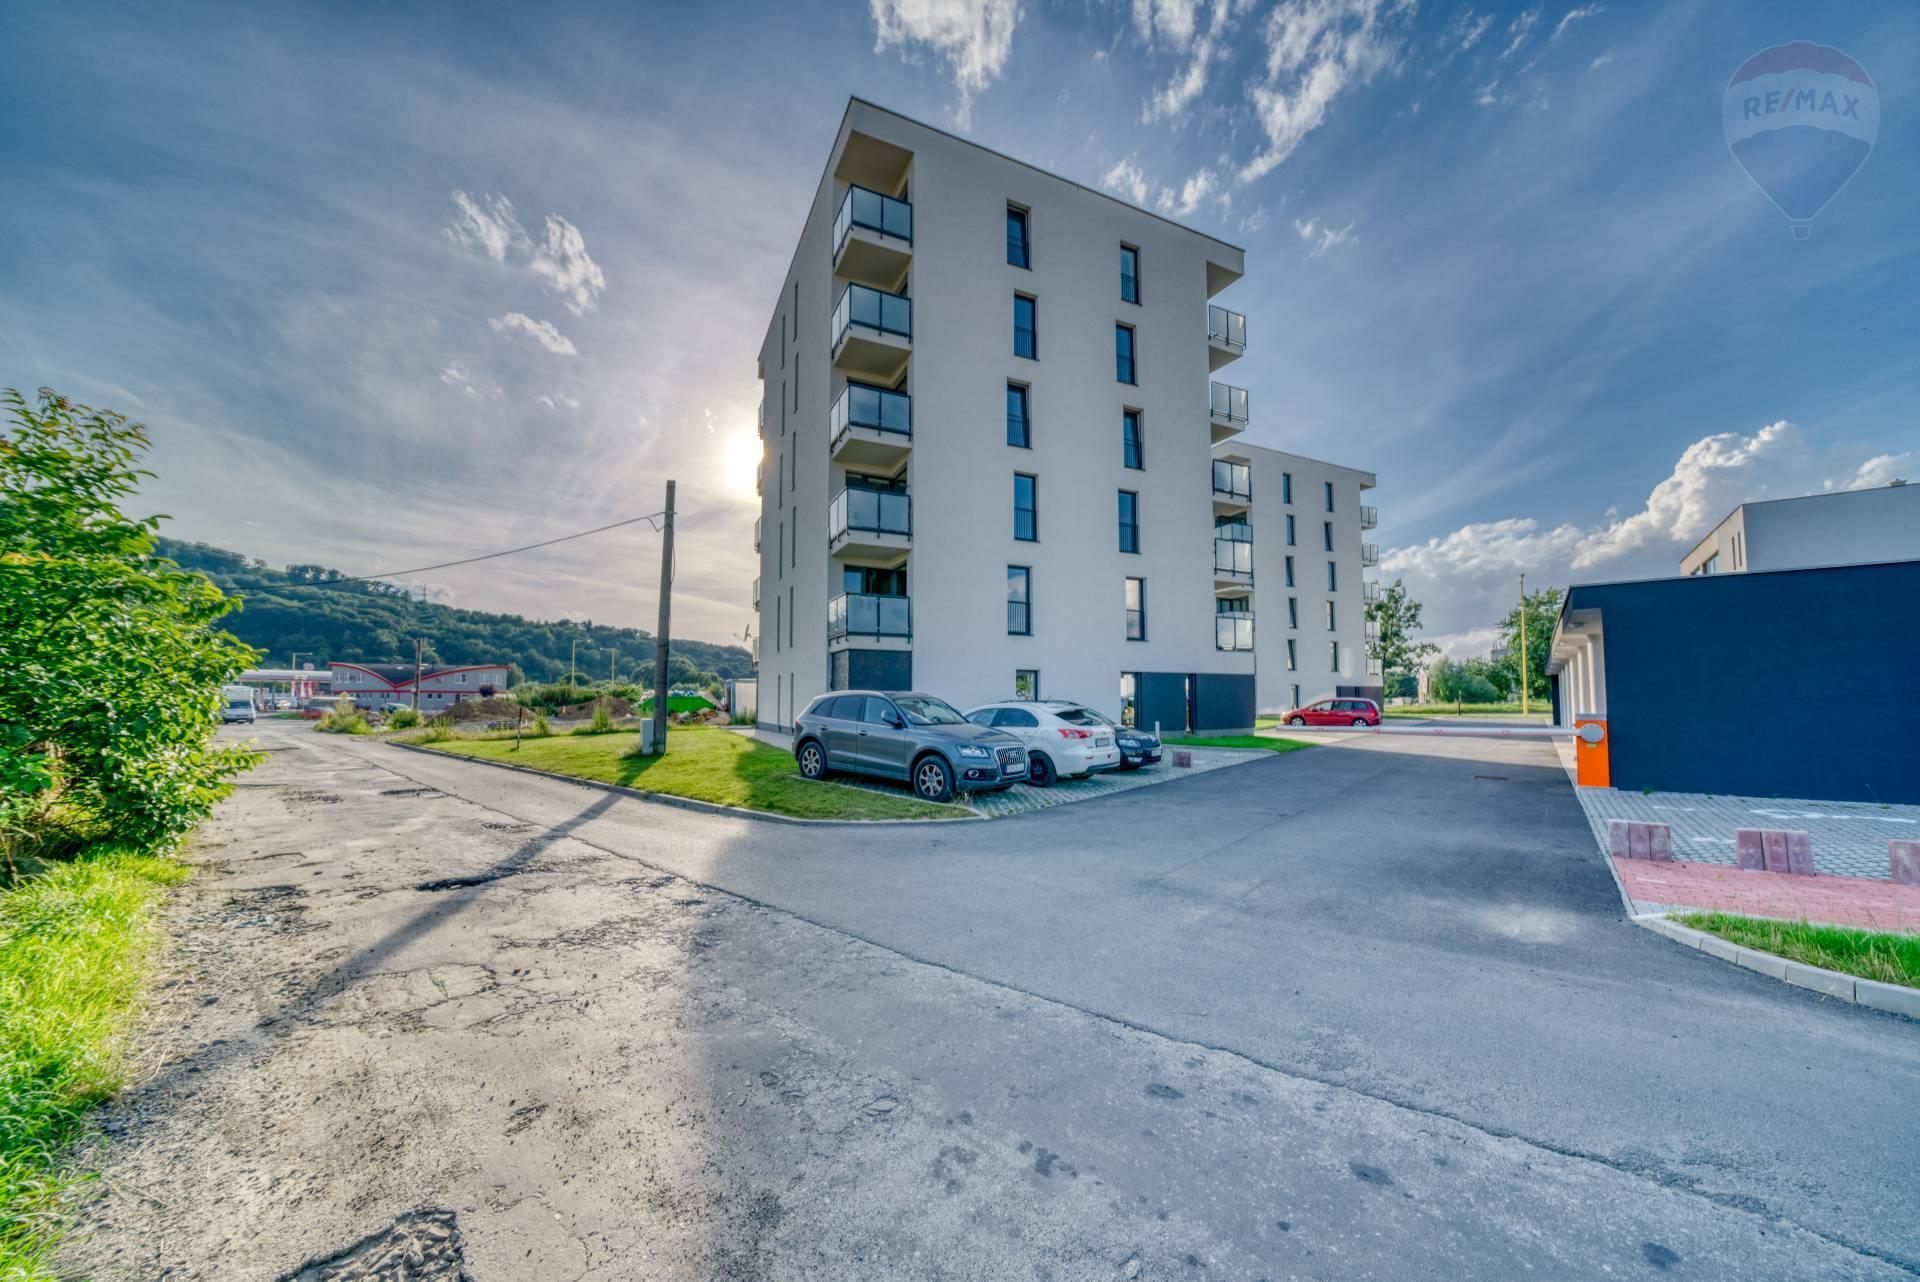 2 izbový byt na prenájom, novostavba, ul. Jána Pavla II., Prešov